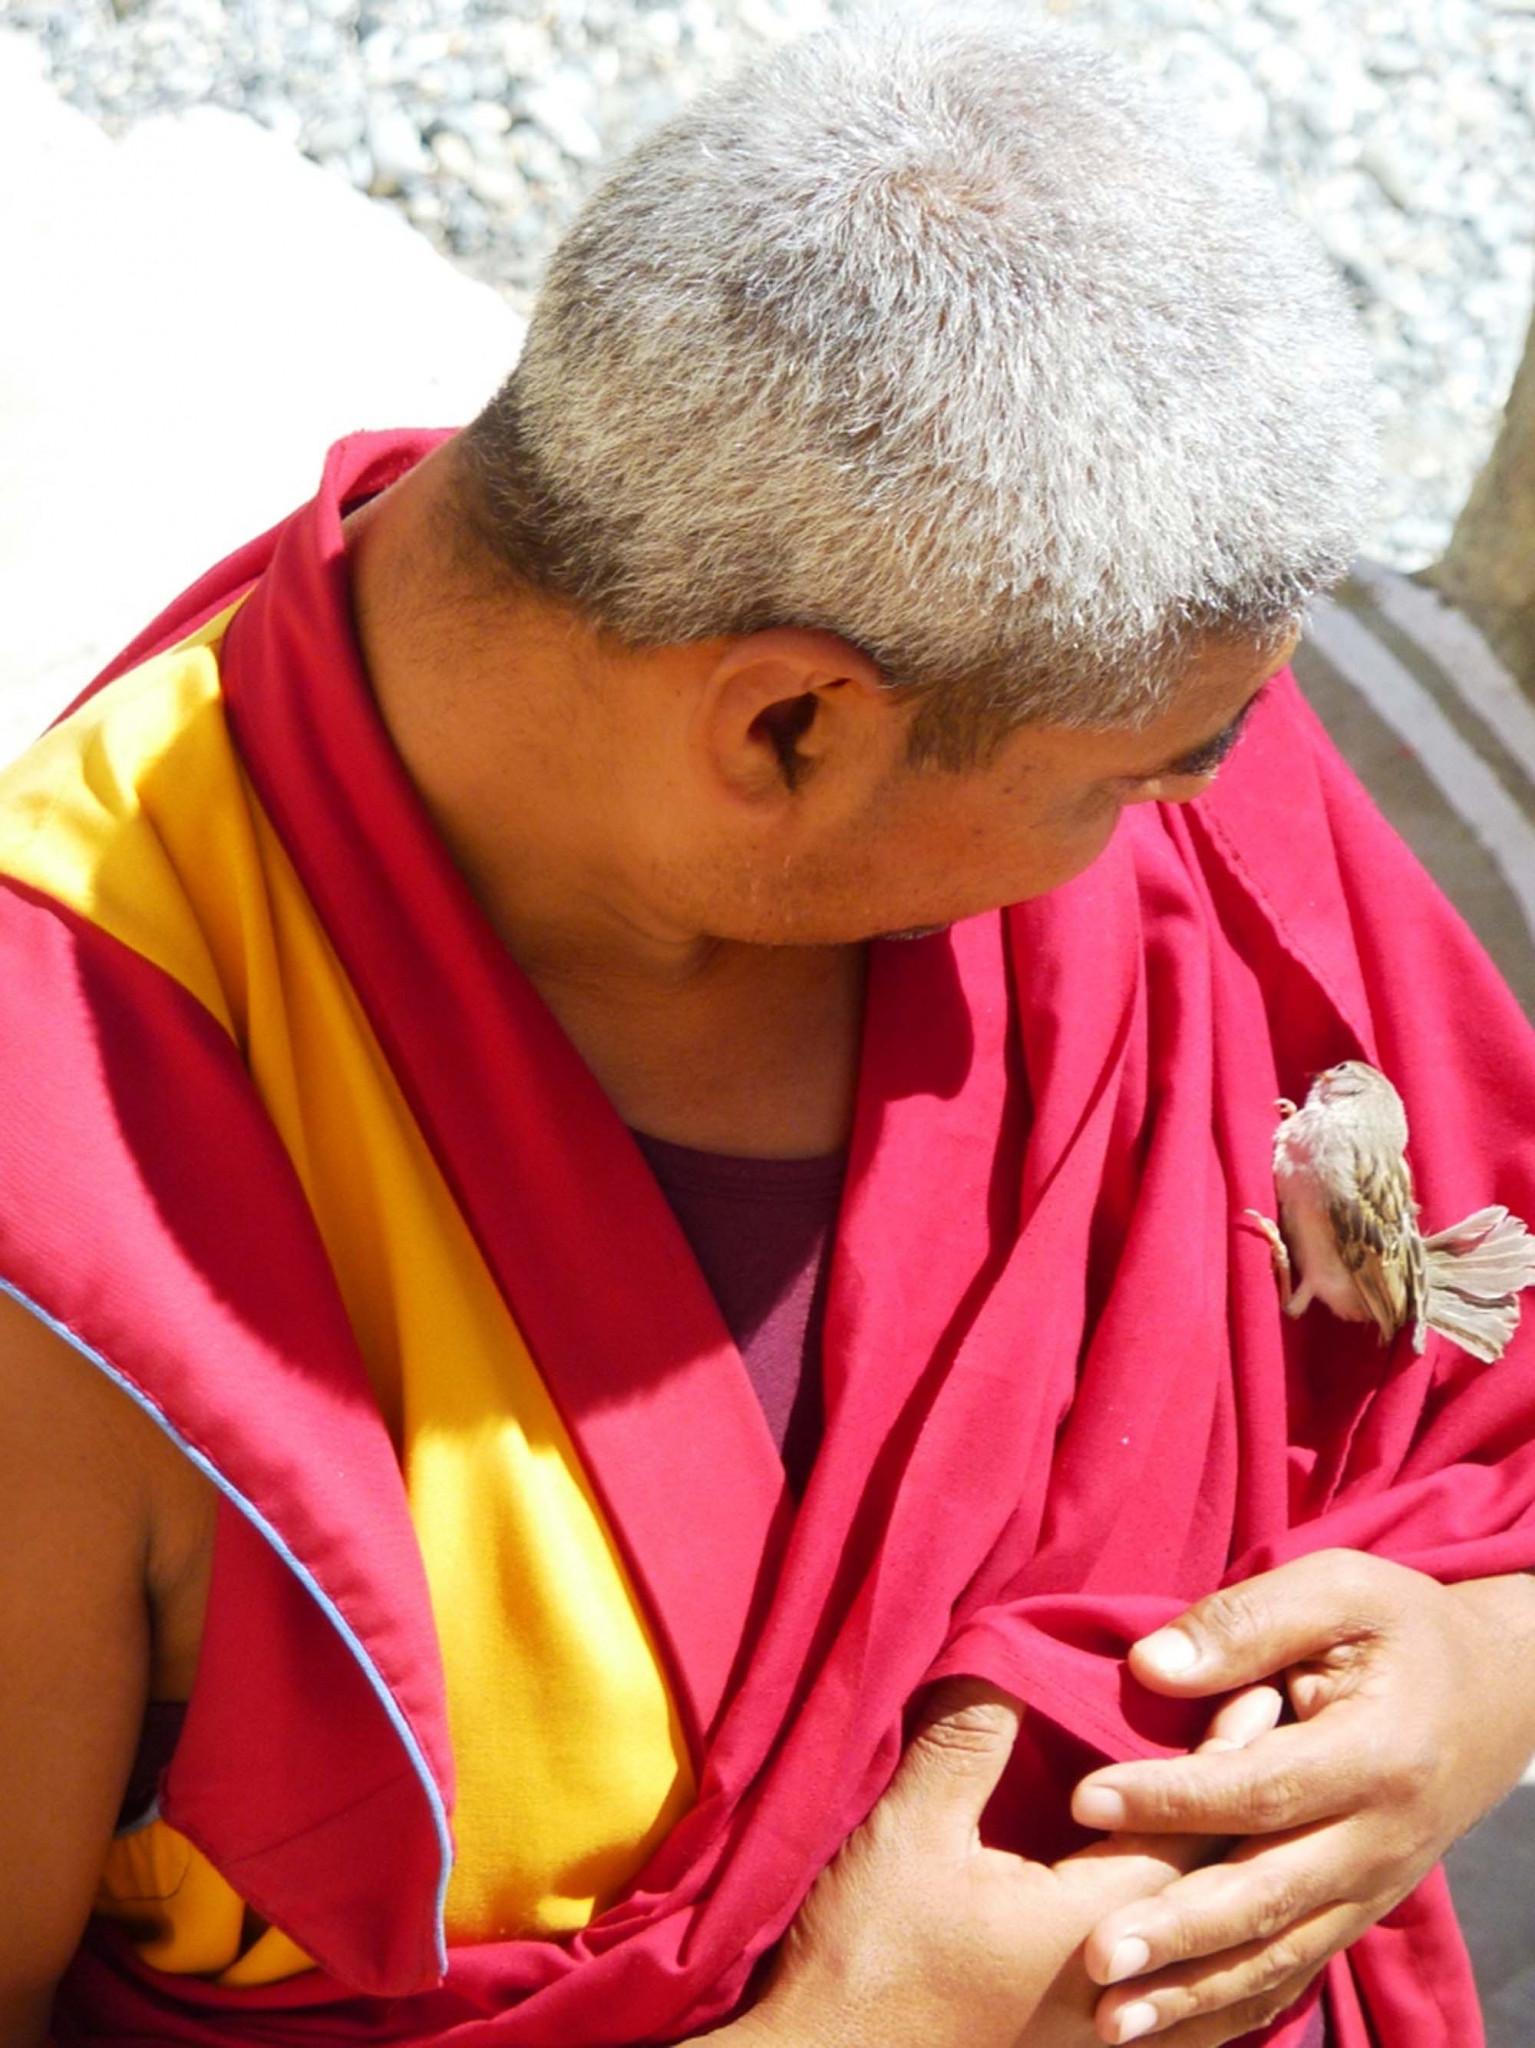 Tibetan monk with an injured sparrow, Ladakh, India